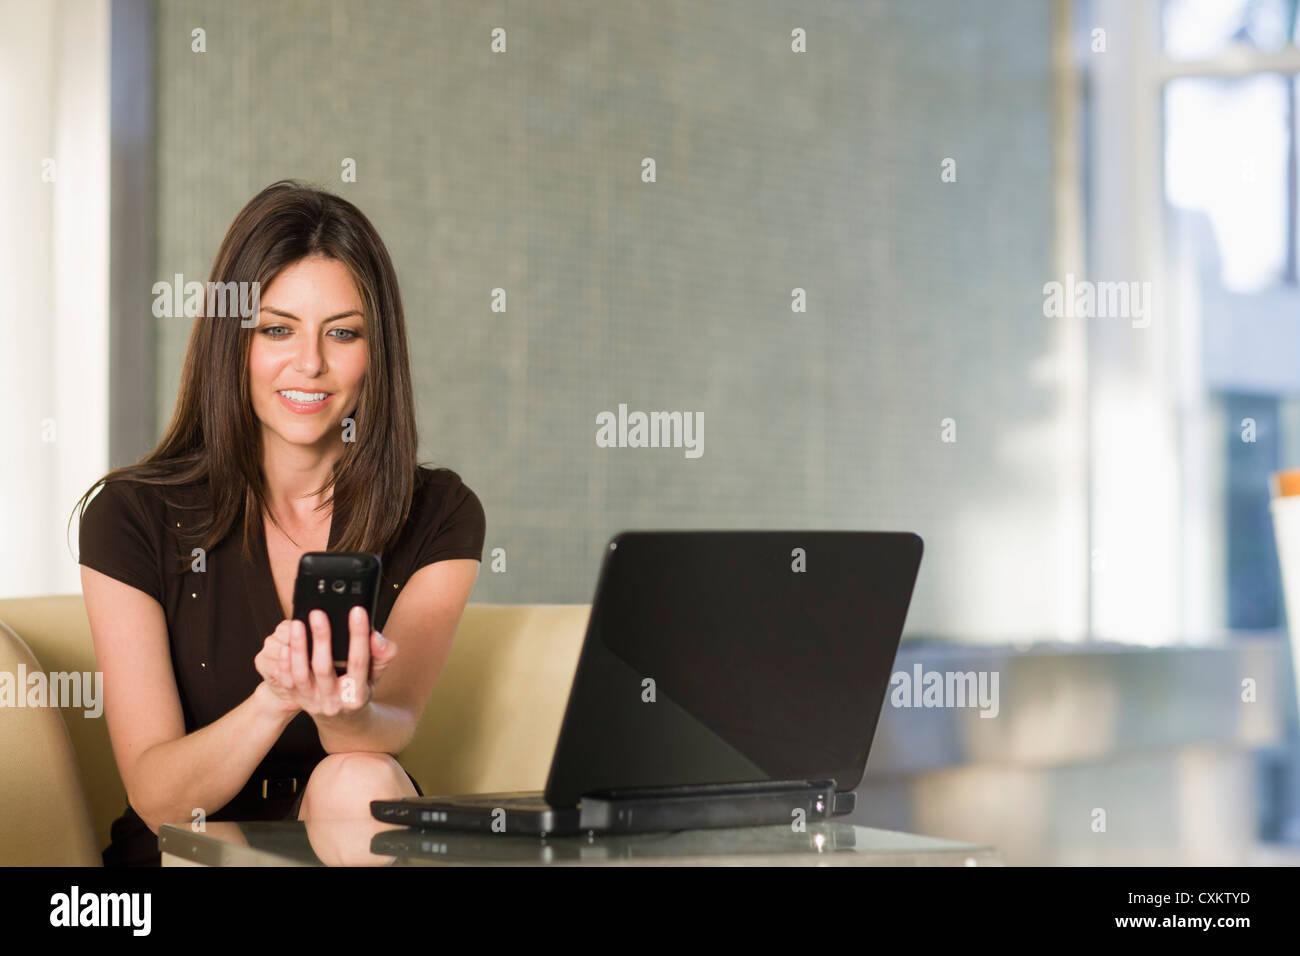 Femme à l'aide d'un téléphone cellulaire, Florida, USA Banque D'Images